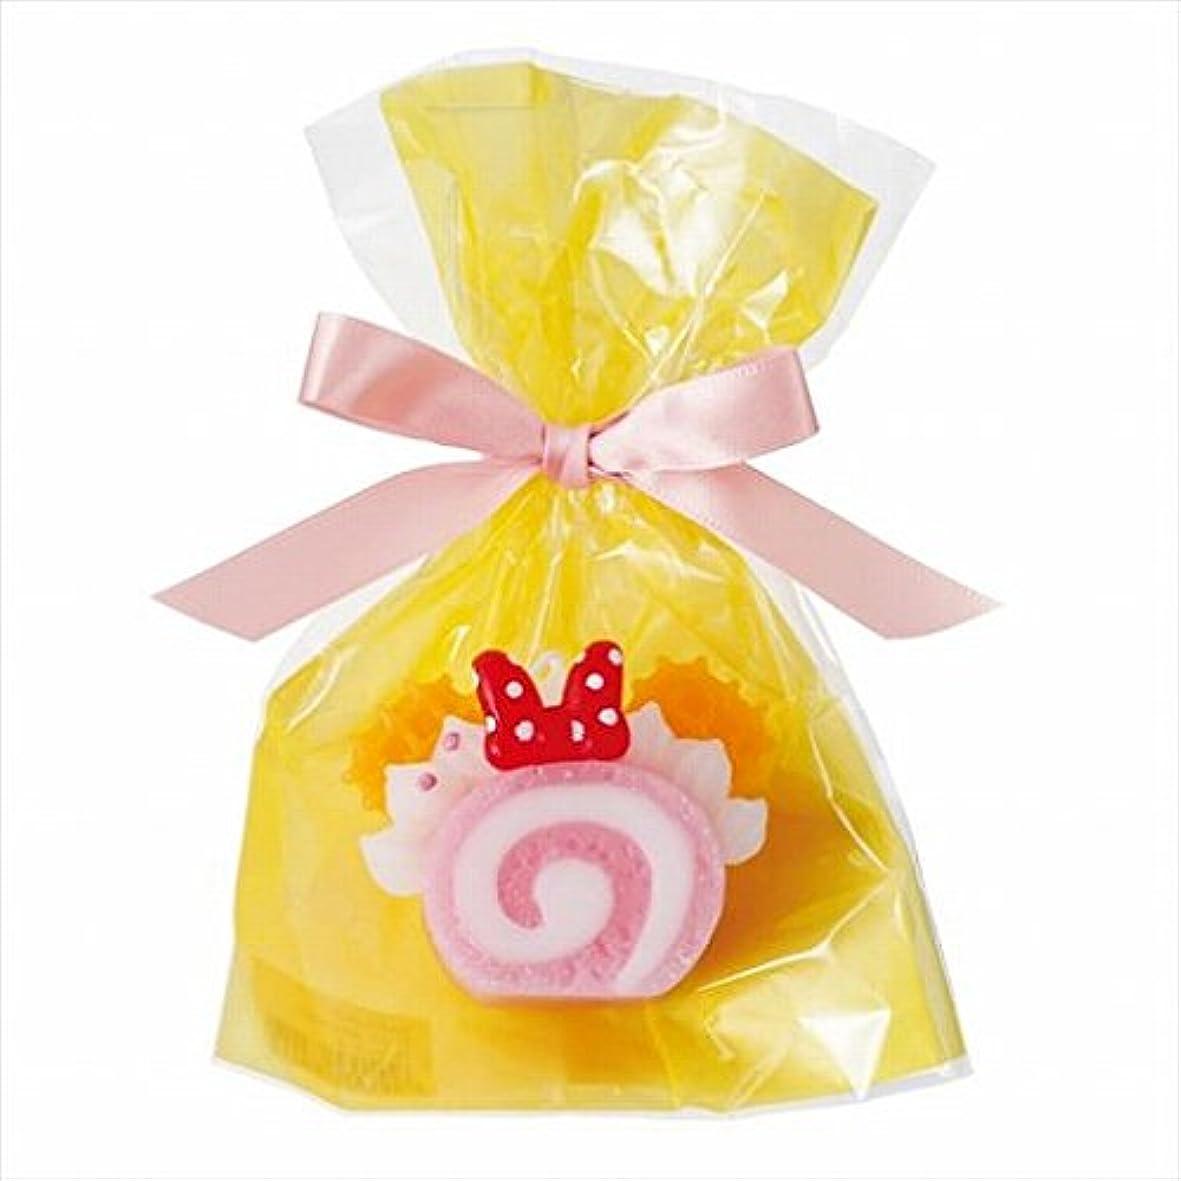 天井実行法王ディズニー( Disney ) ディズニースイーツキャンドル 「 ピンクロールケーキ 」